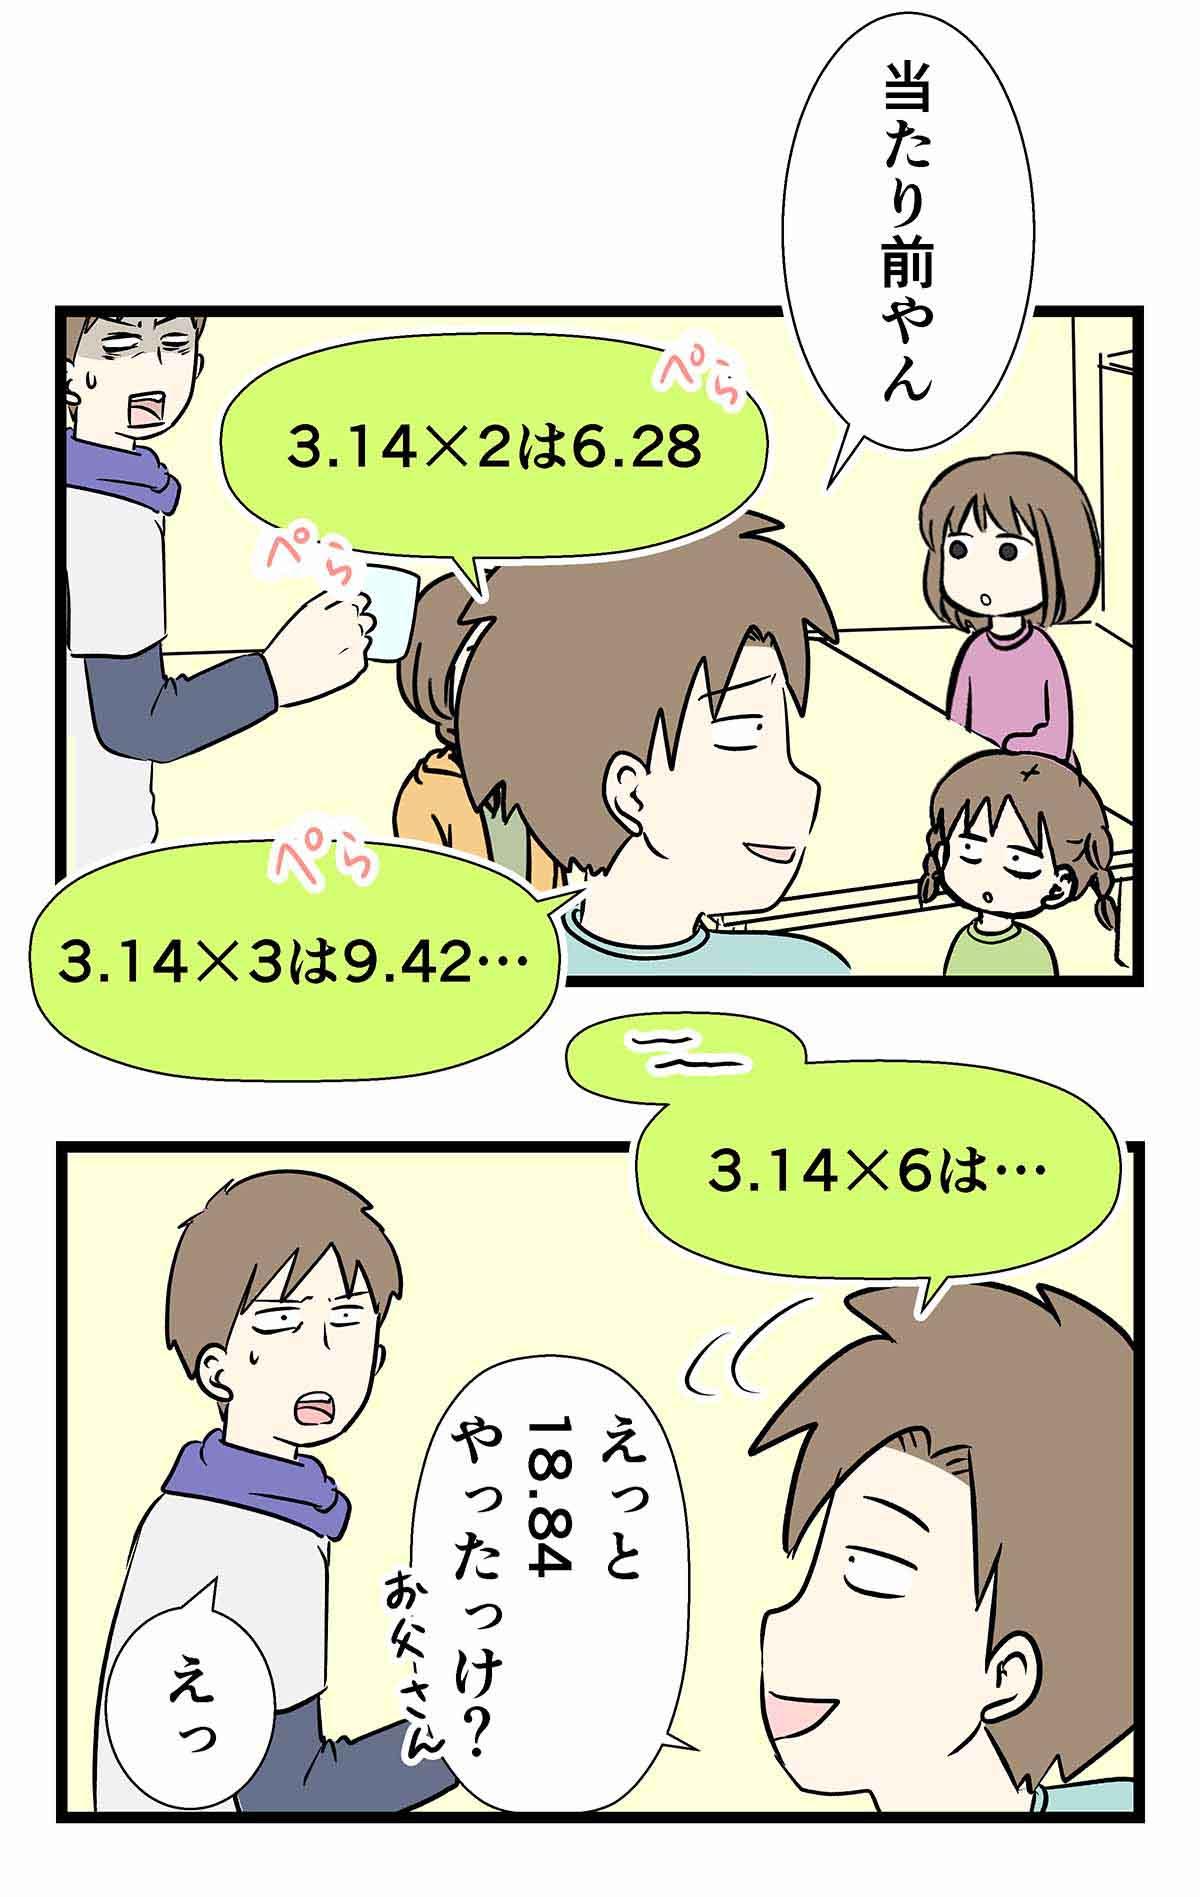 九九には1から9以外に円周率の3.14もあるらしい